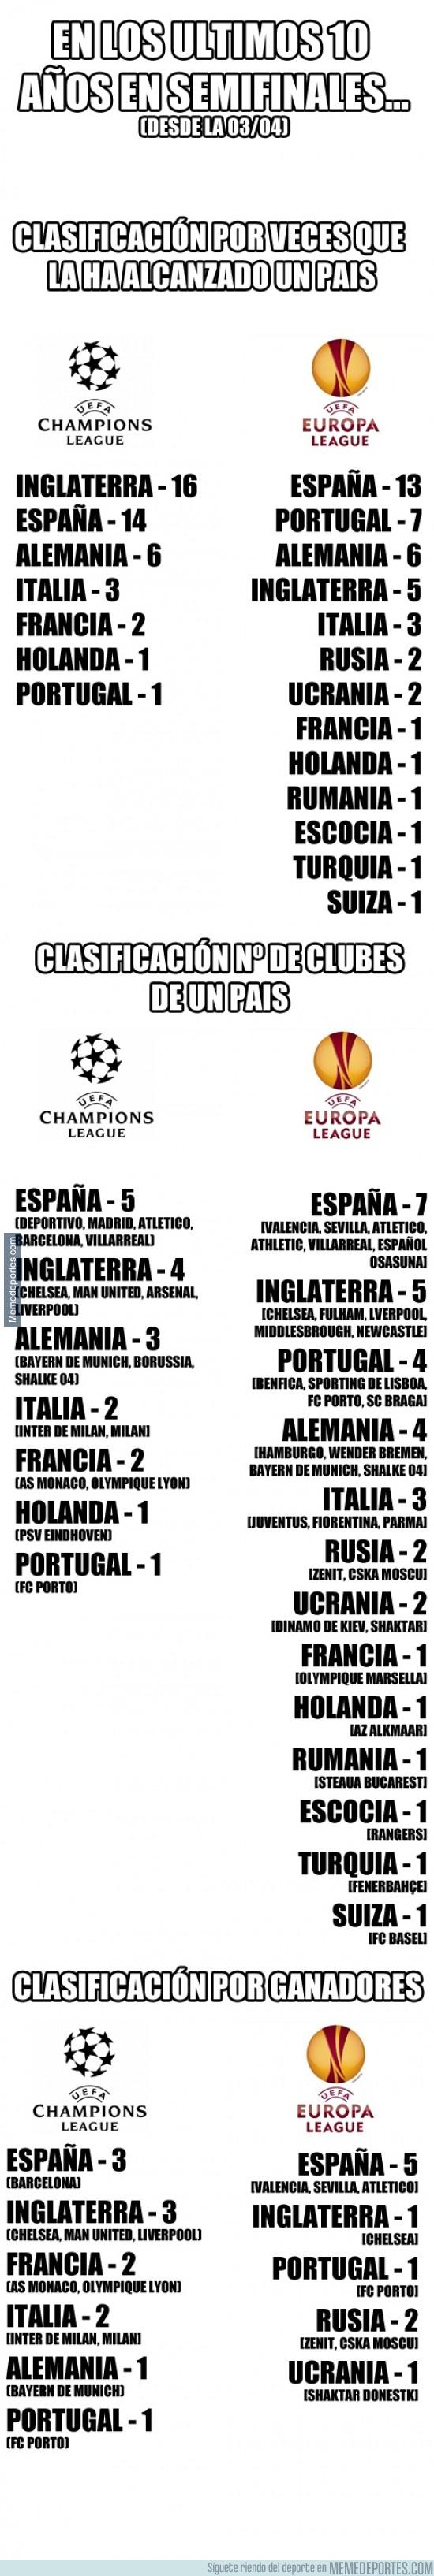 303842 - Unos datos sobre competiciones europeas antes de que empiecen las semifinales